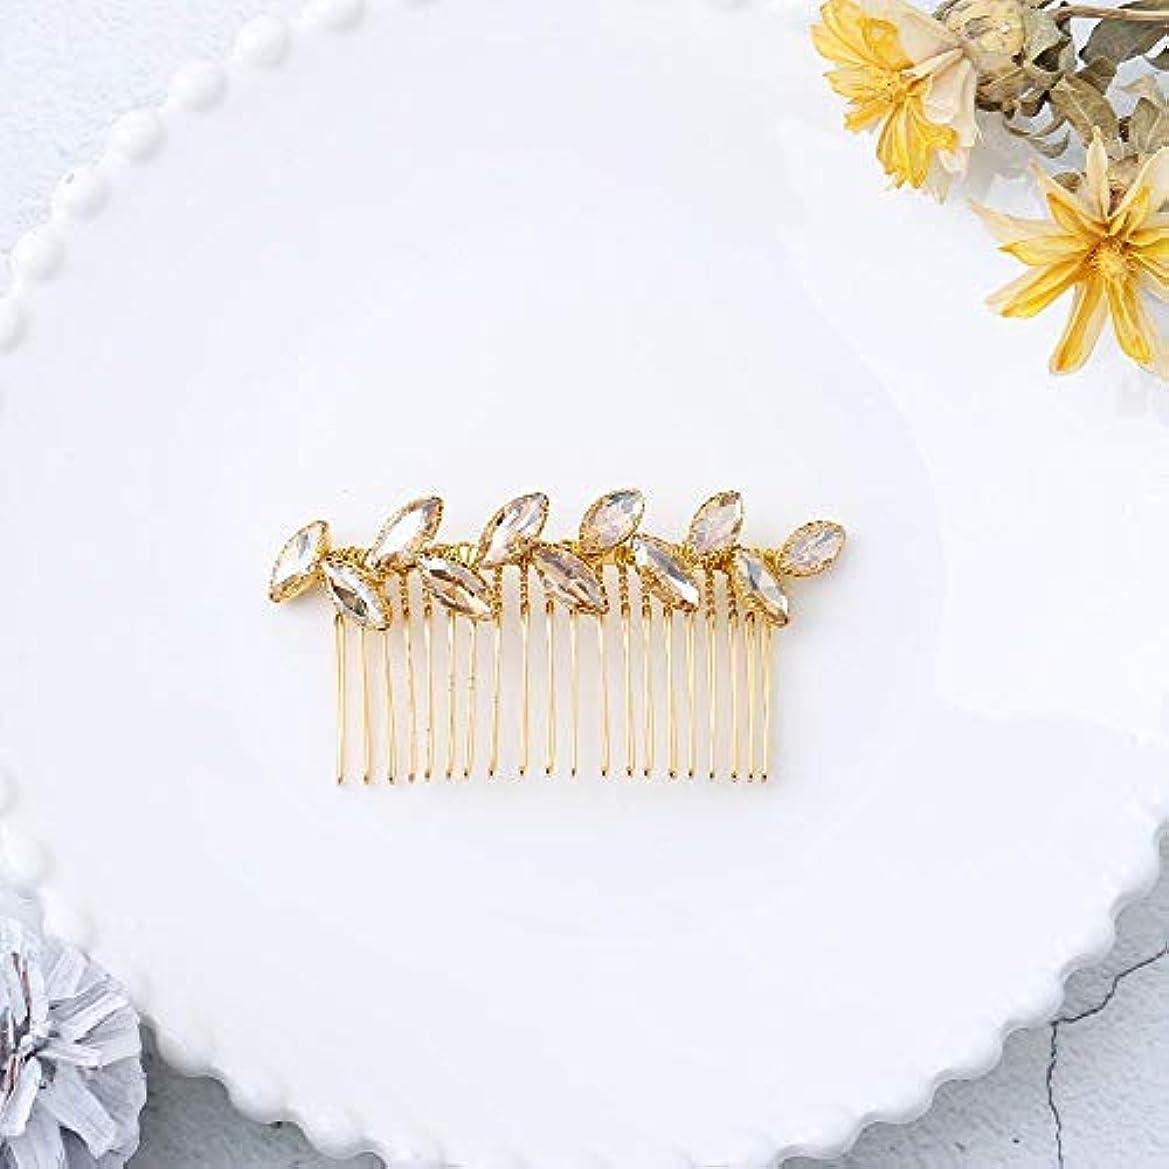 見せます挑む保護Jovono Bride Wedding Hair Comb Bridal Headpieces with Champagne Rhinestone for Women and Girls (Gold) [並行輸入品]